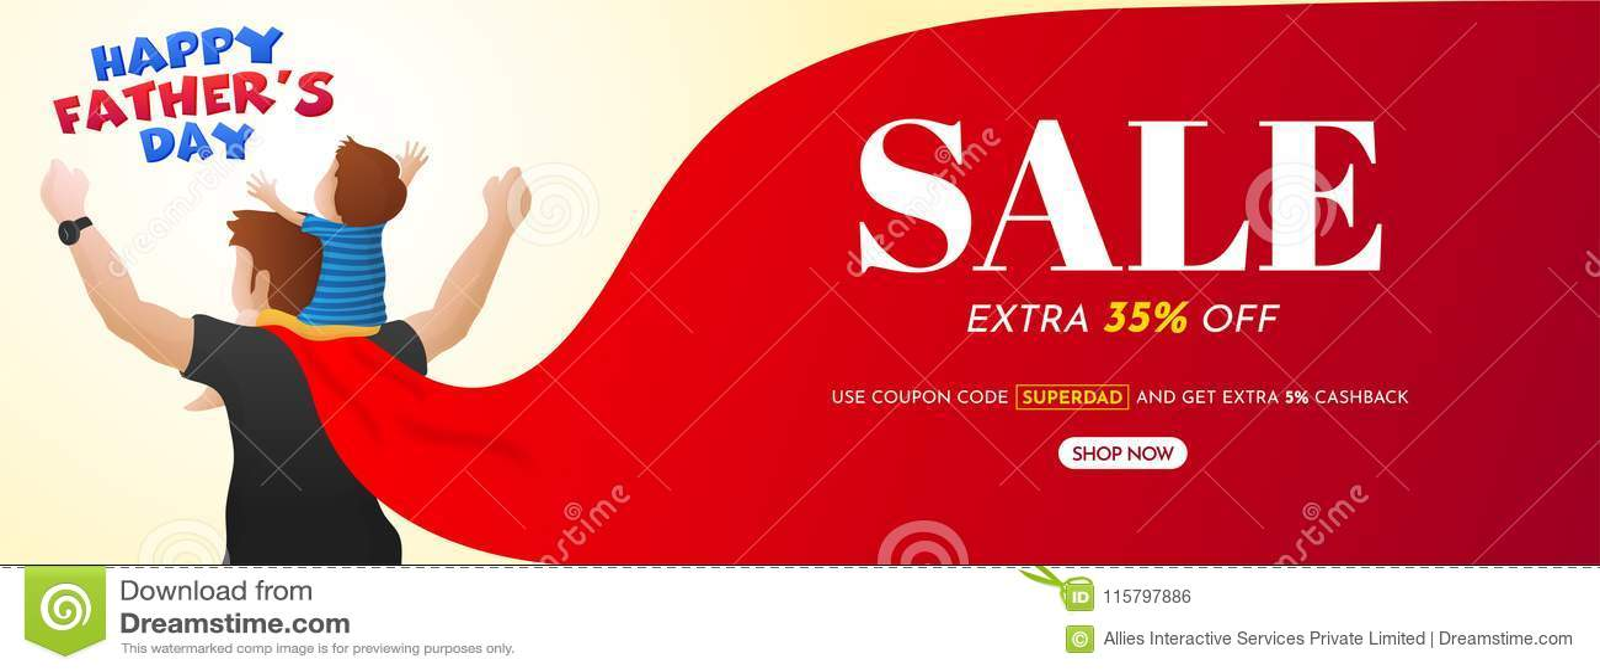 Szczęśliwy ojca ` s dzień, sprzedaż sztandaru projekt z 35  Z ofert i h,